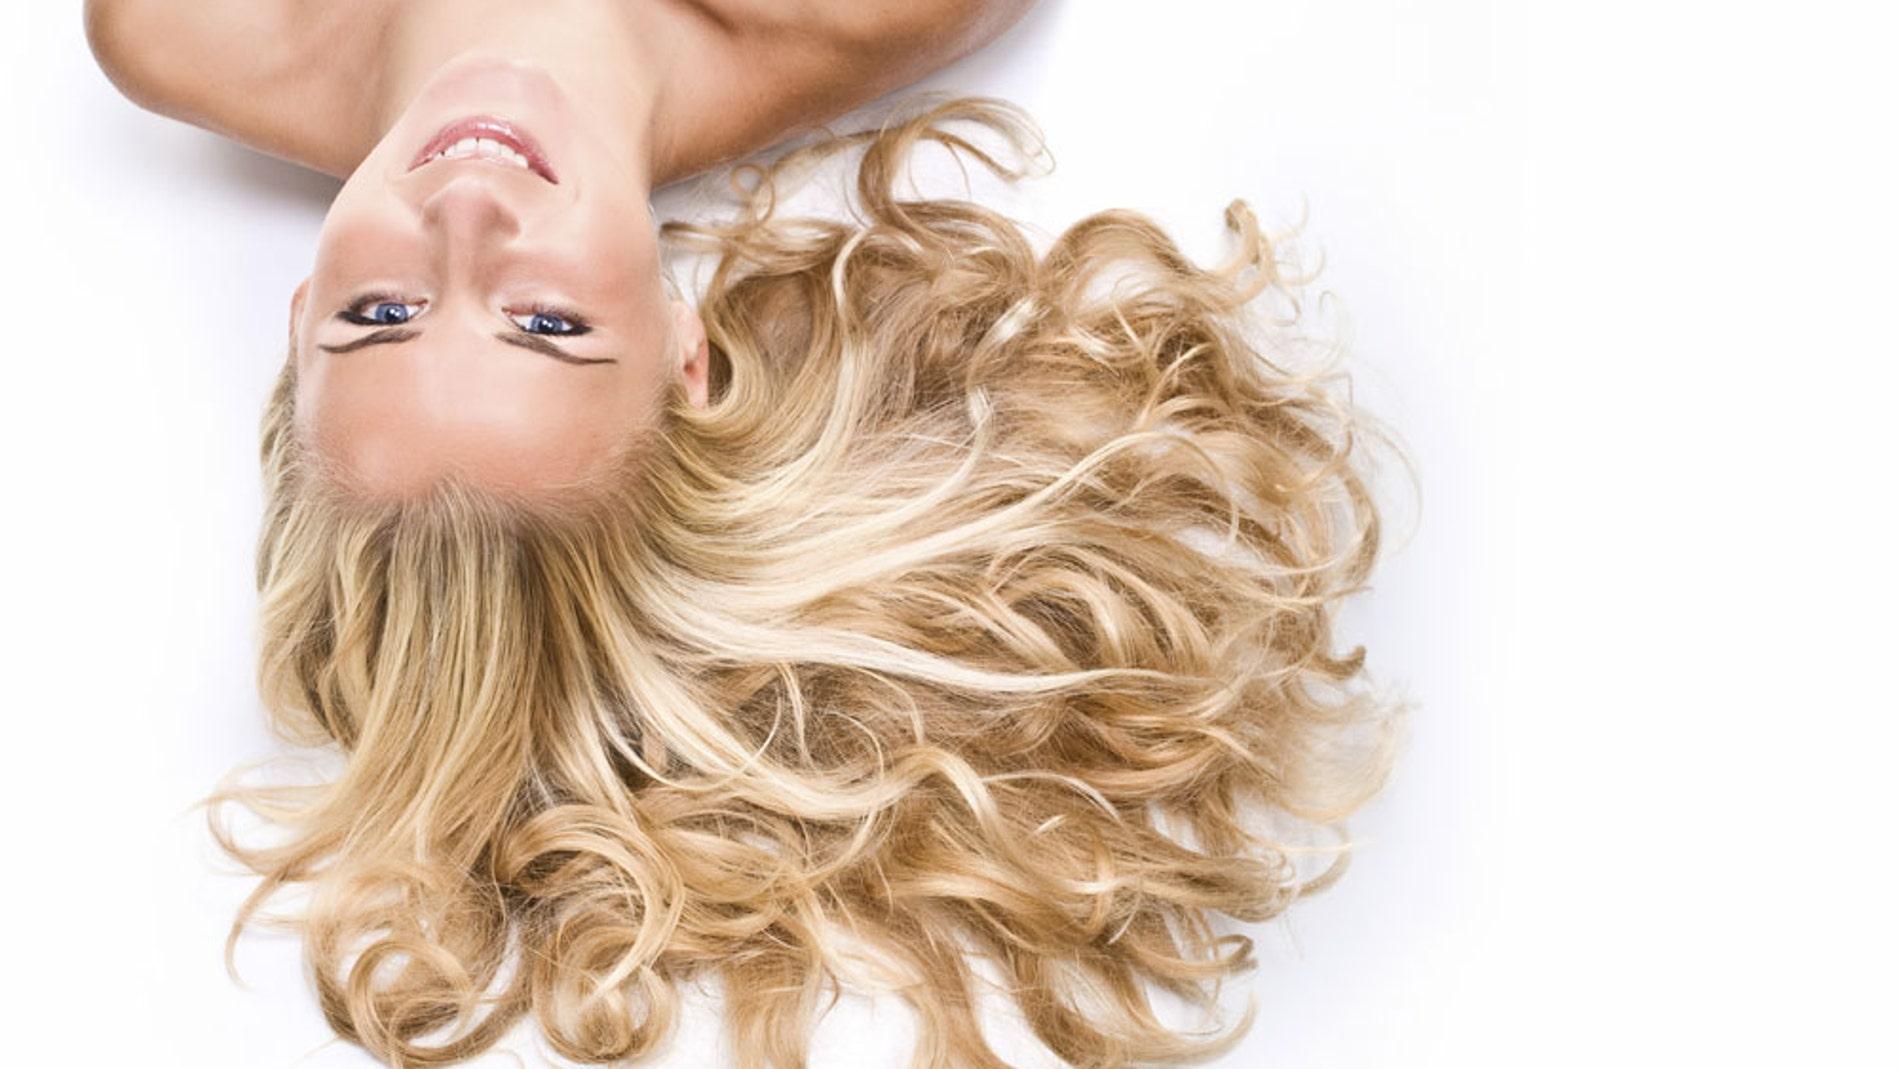 Los rubios se extinguirán y otras 9 curiosidades del cabello